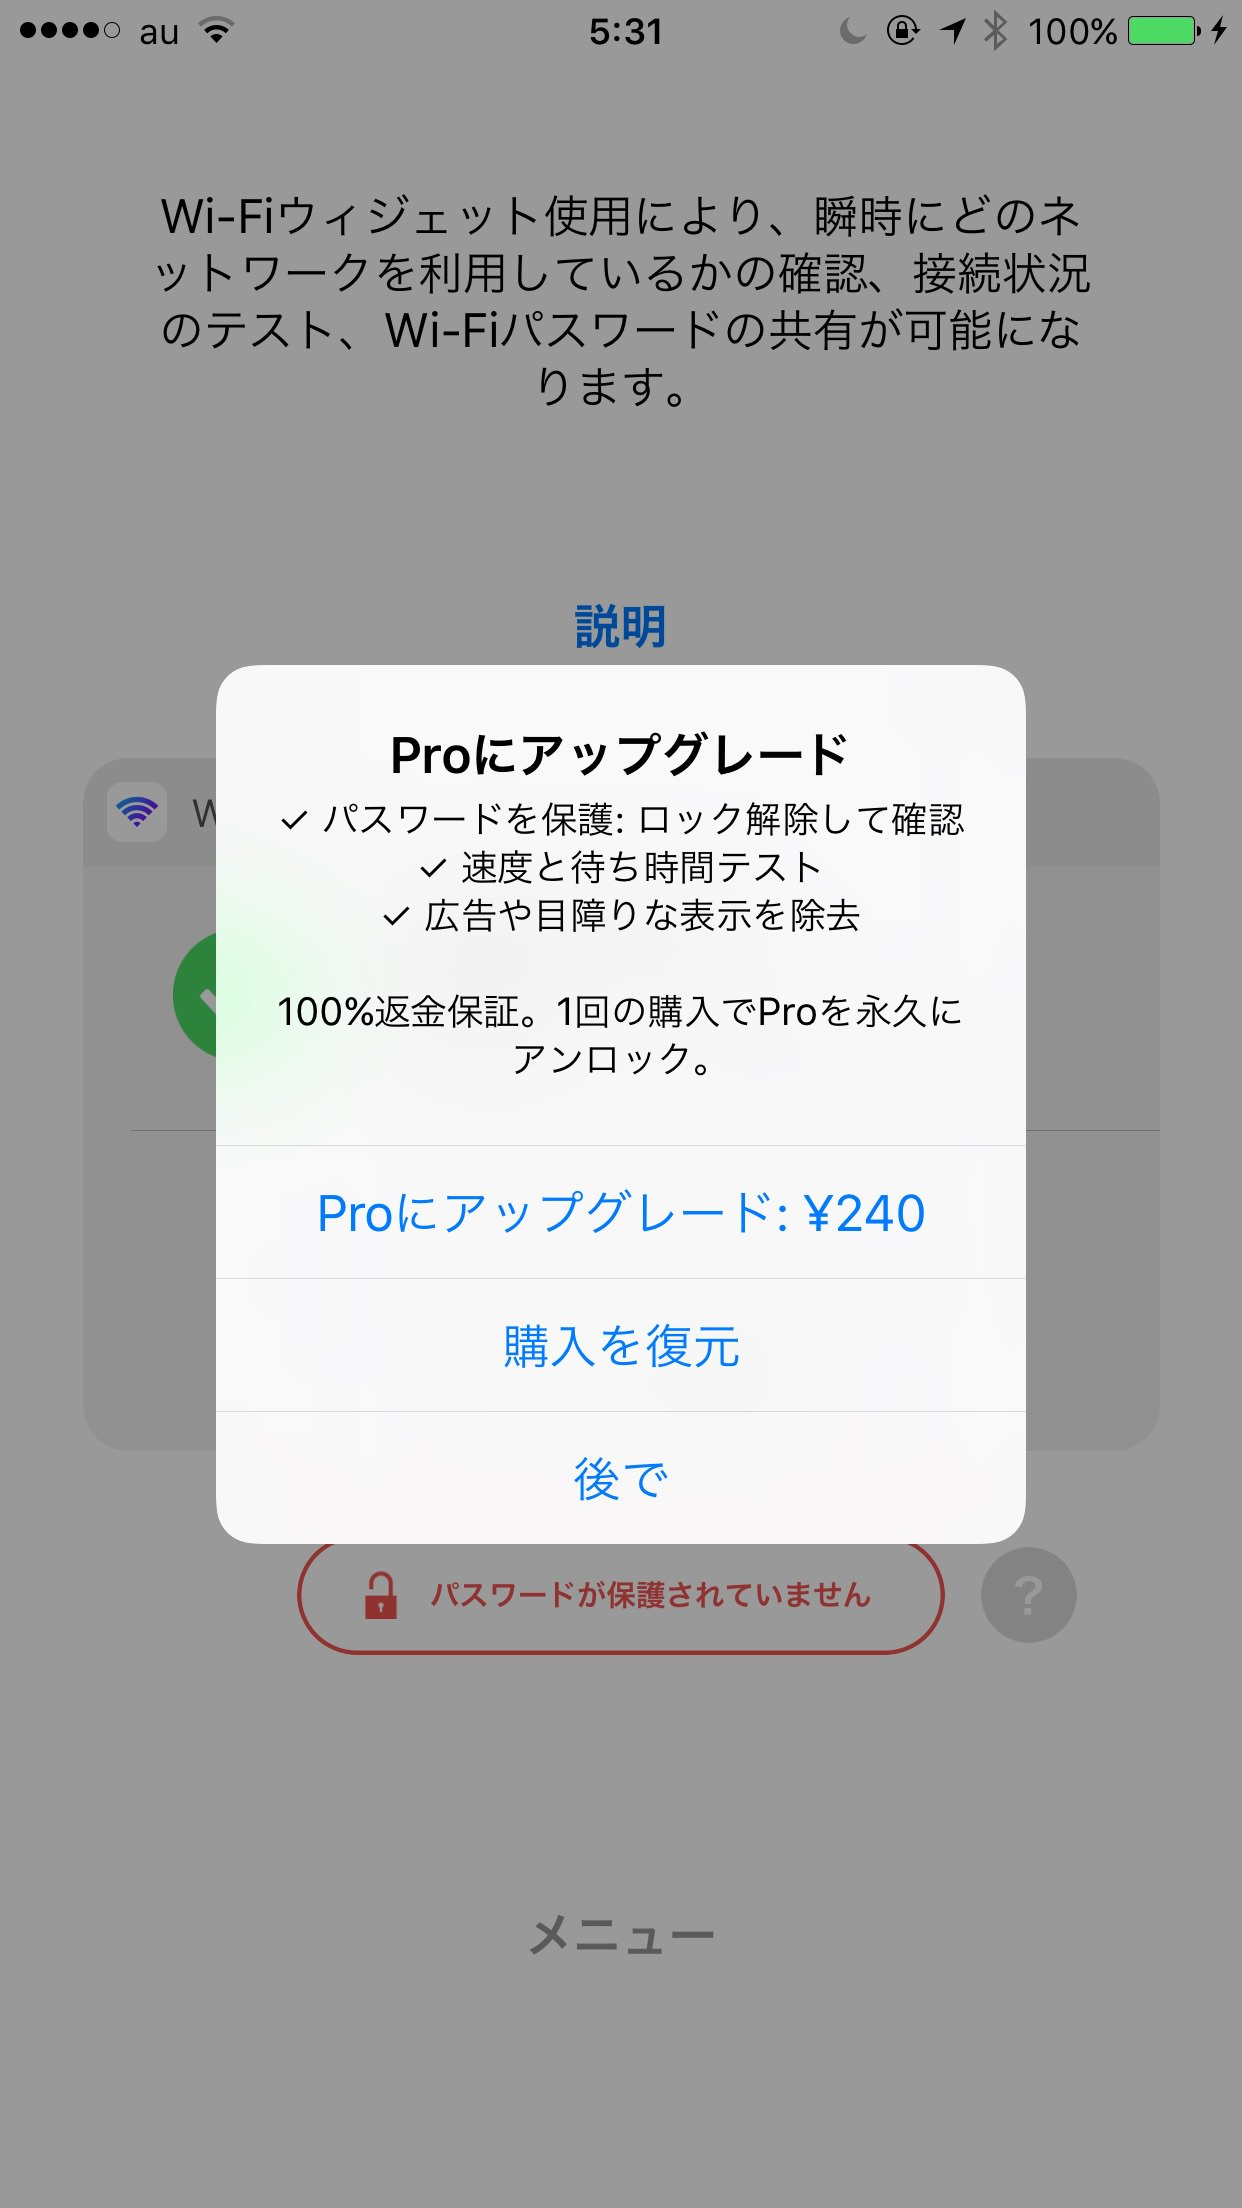 wifi-widget_2